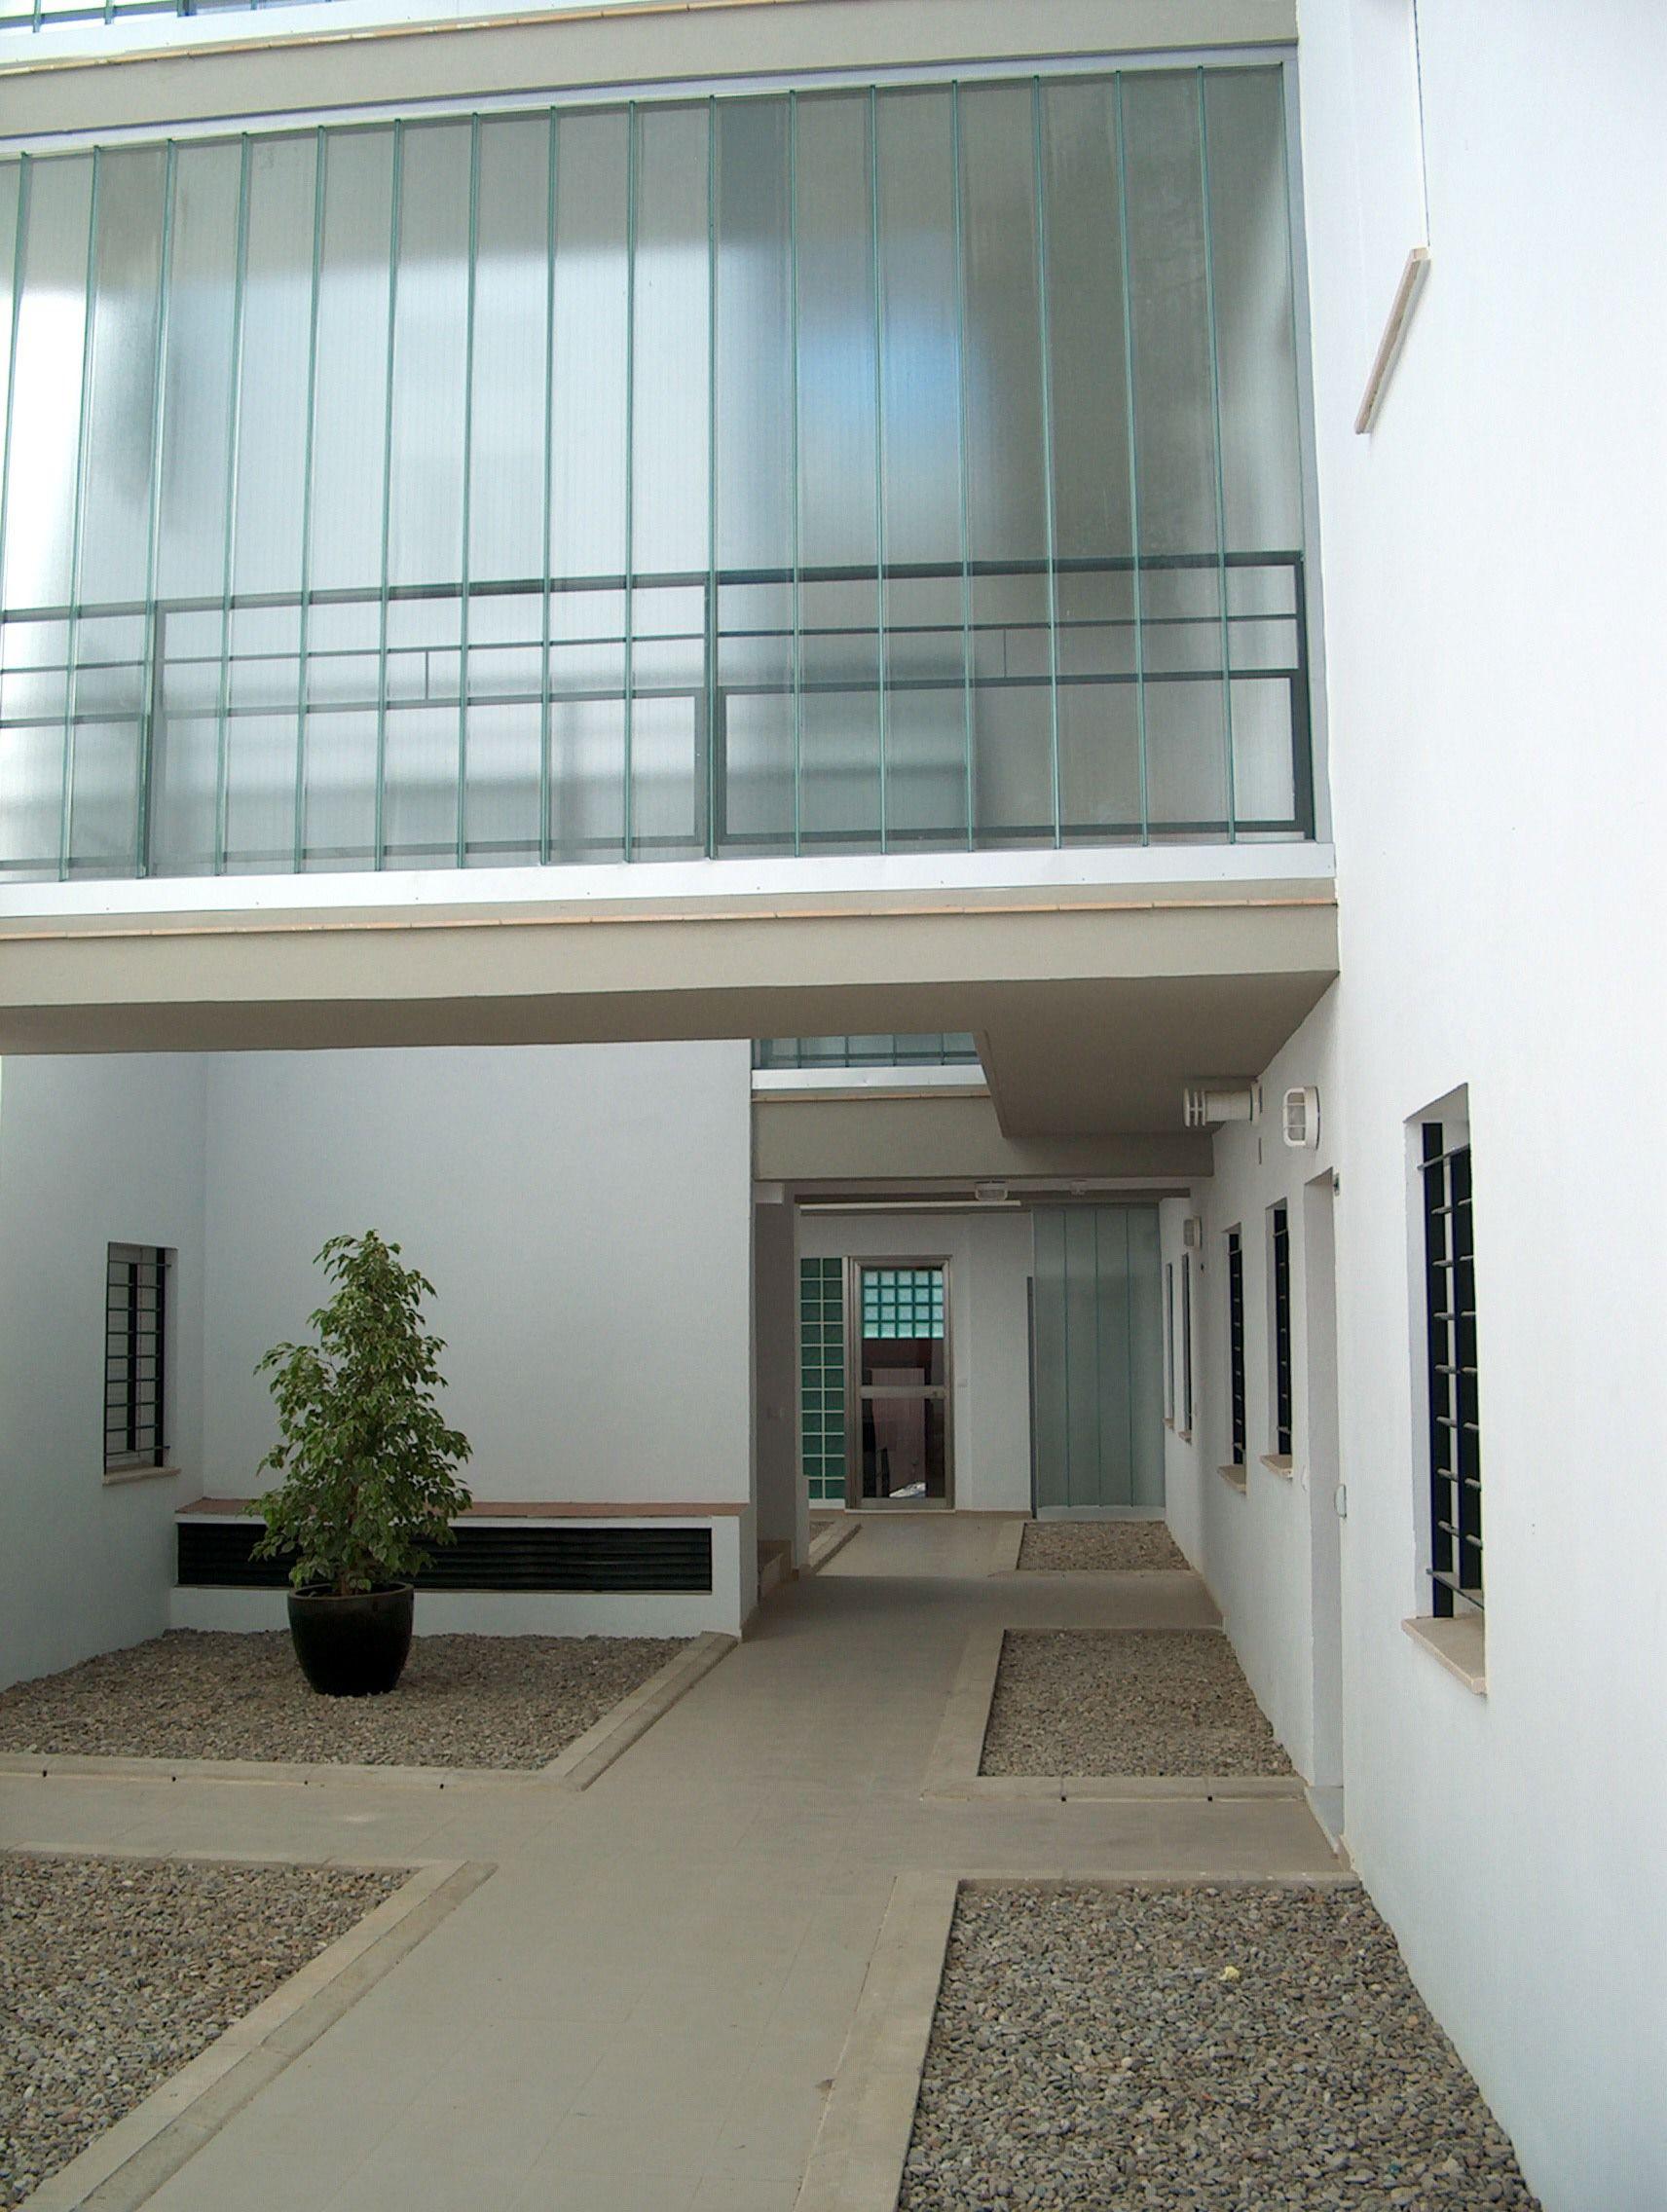 Edificios moderno exterior puertas vidrio plantas for Exterior edificios